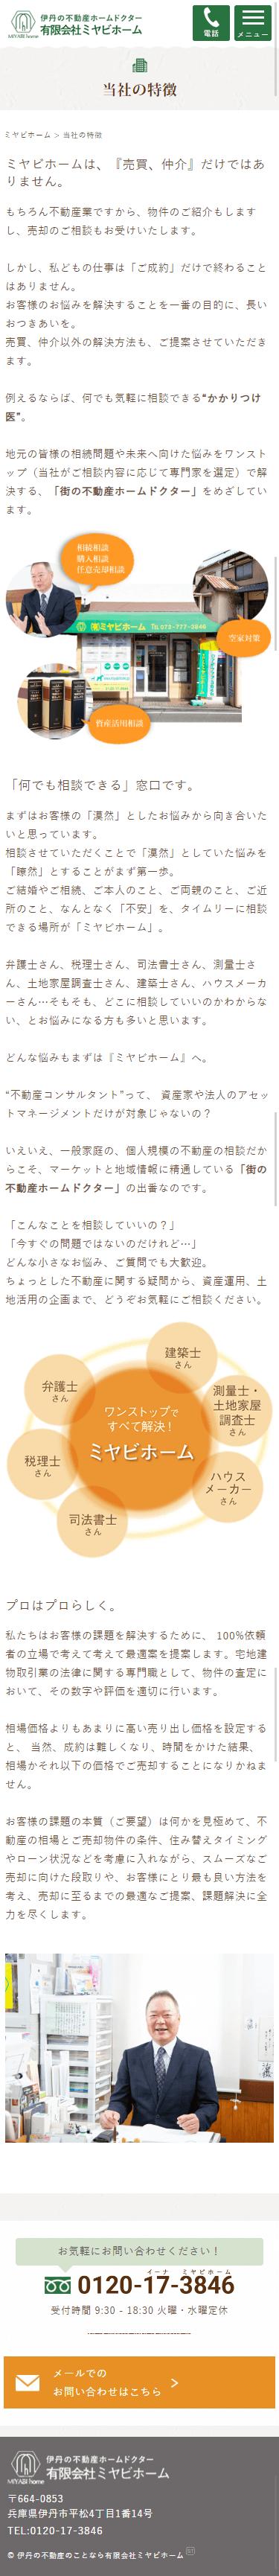 伊丹市 有限会社ミヤビホーム ホームページ制作4